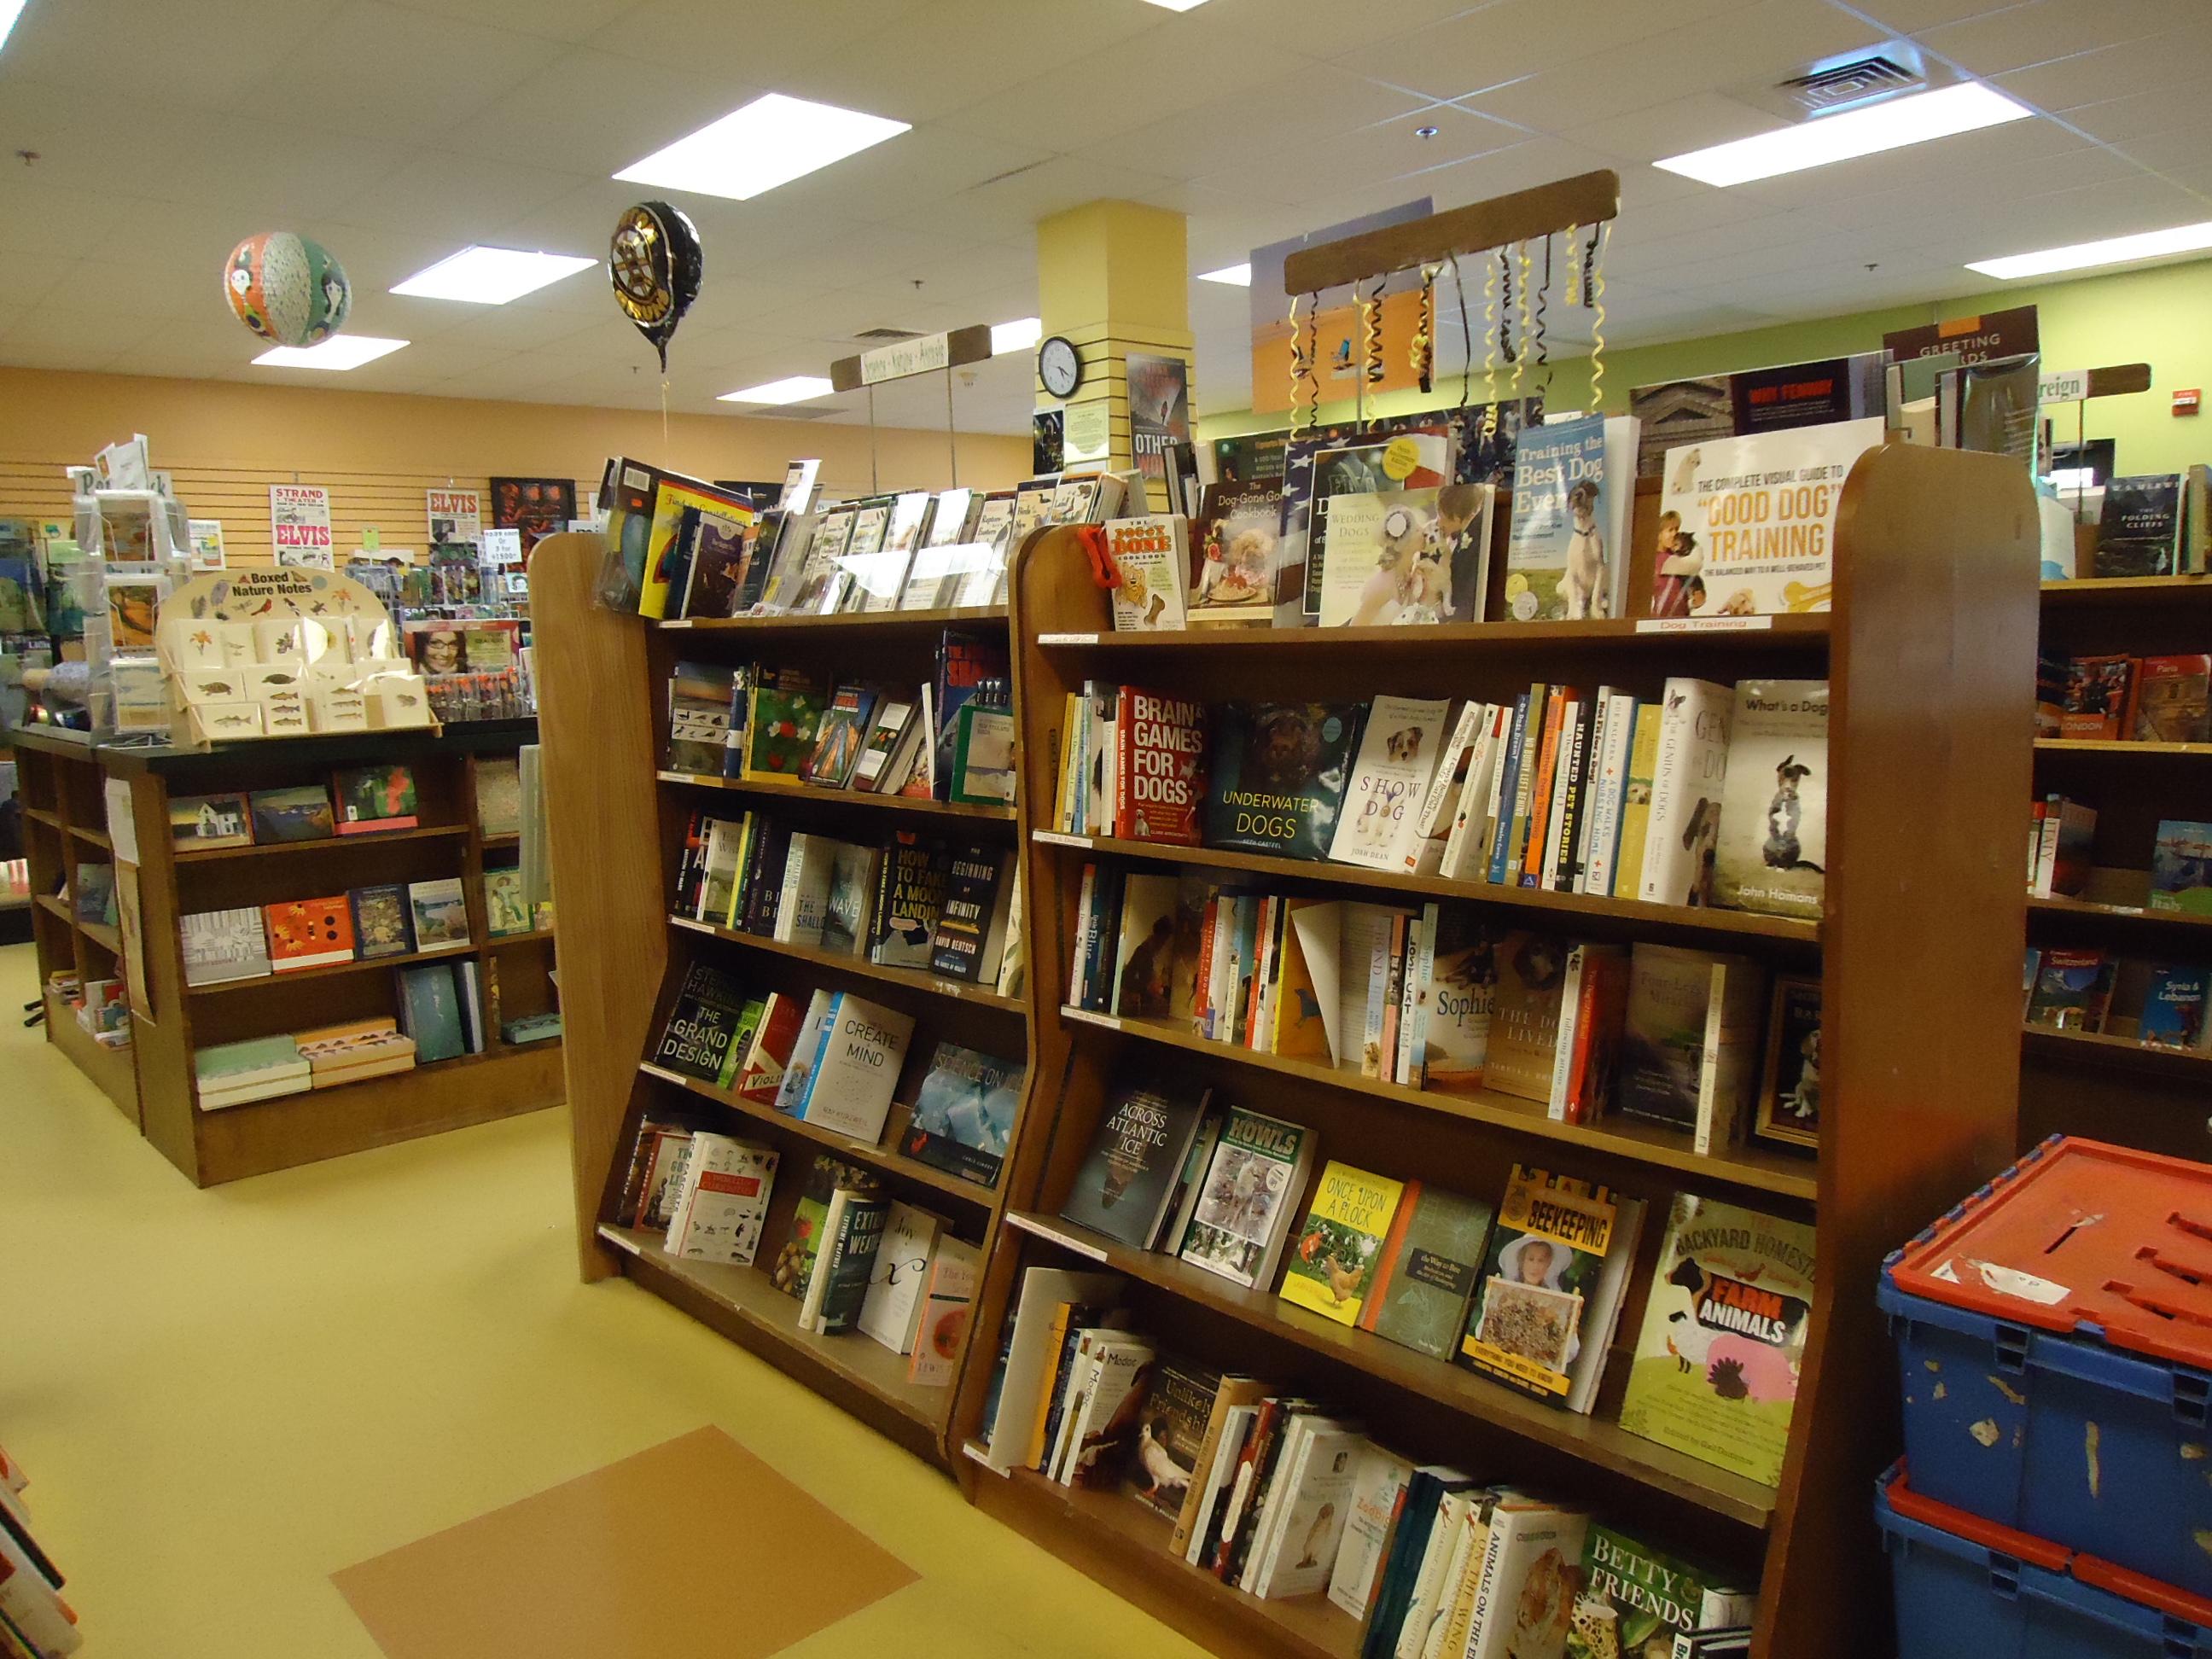 Estantes na livraria. Imagem ilustrativa texto preço do livro.